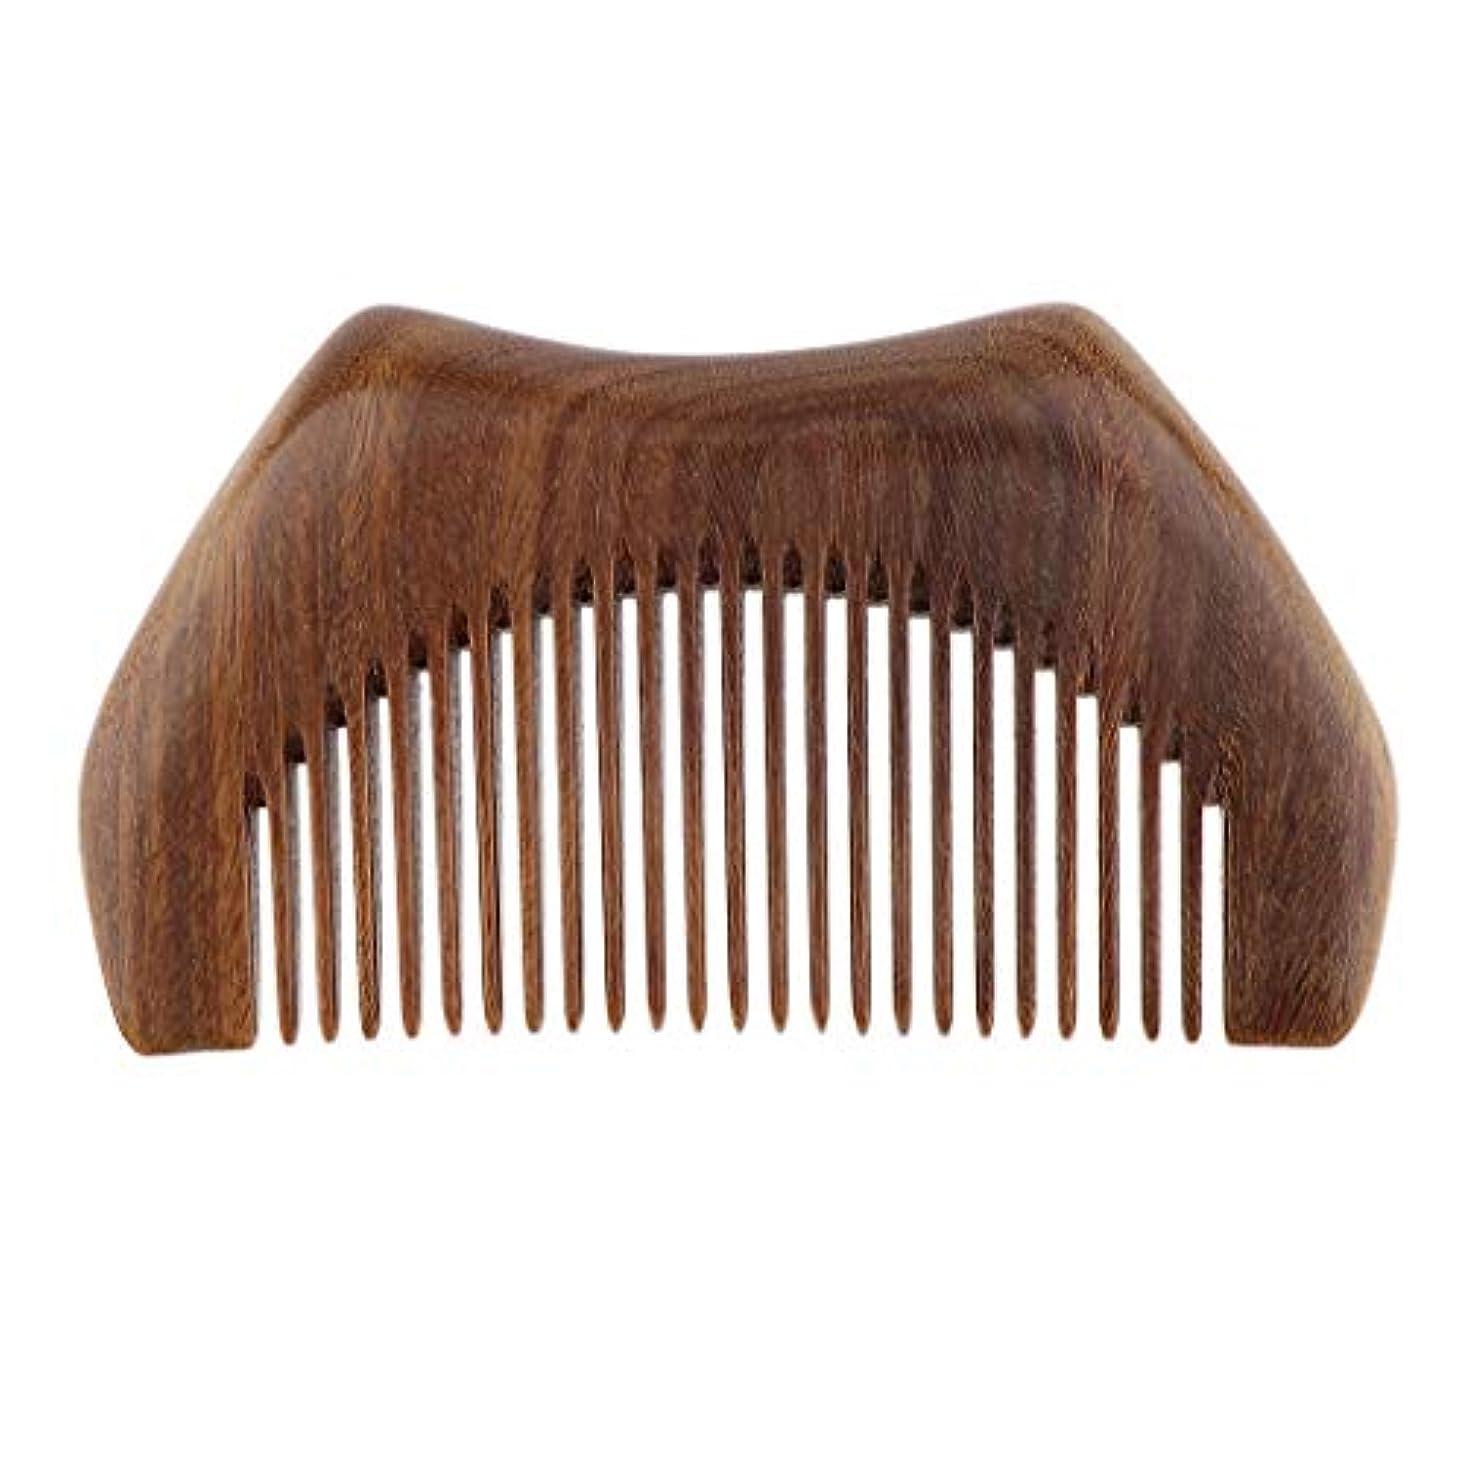 降下橋立方体Toygogo ポケットサイズグルーミング木製ヘアコーム 髪をほぐすためのプレミアムファインティース/ひげ/ひげ/口ひげ